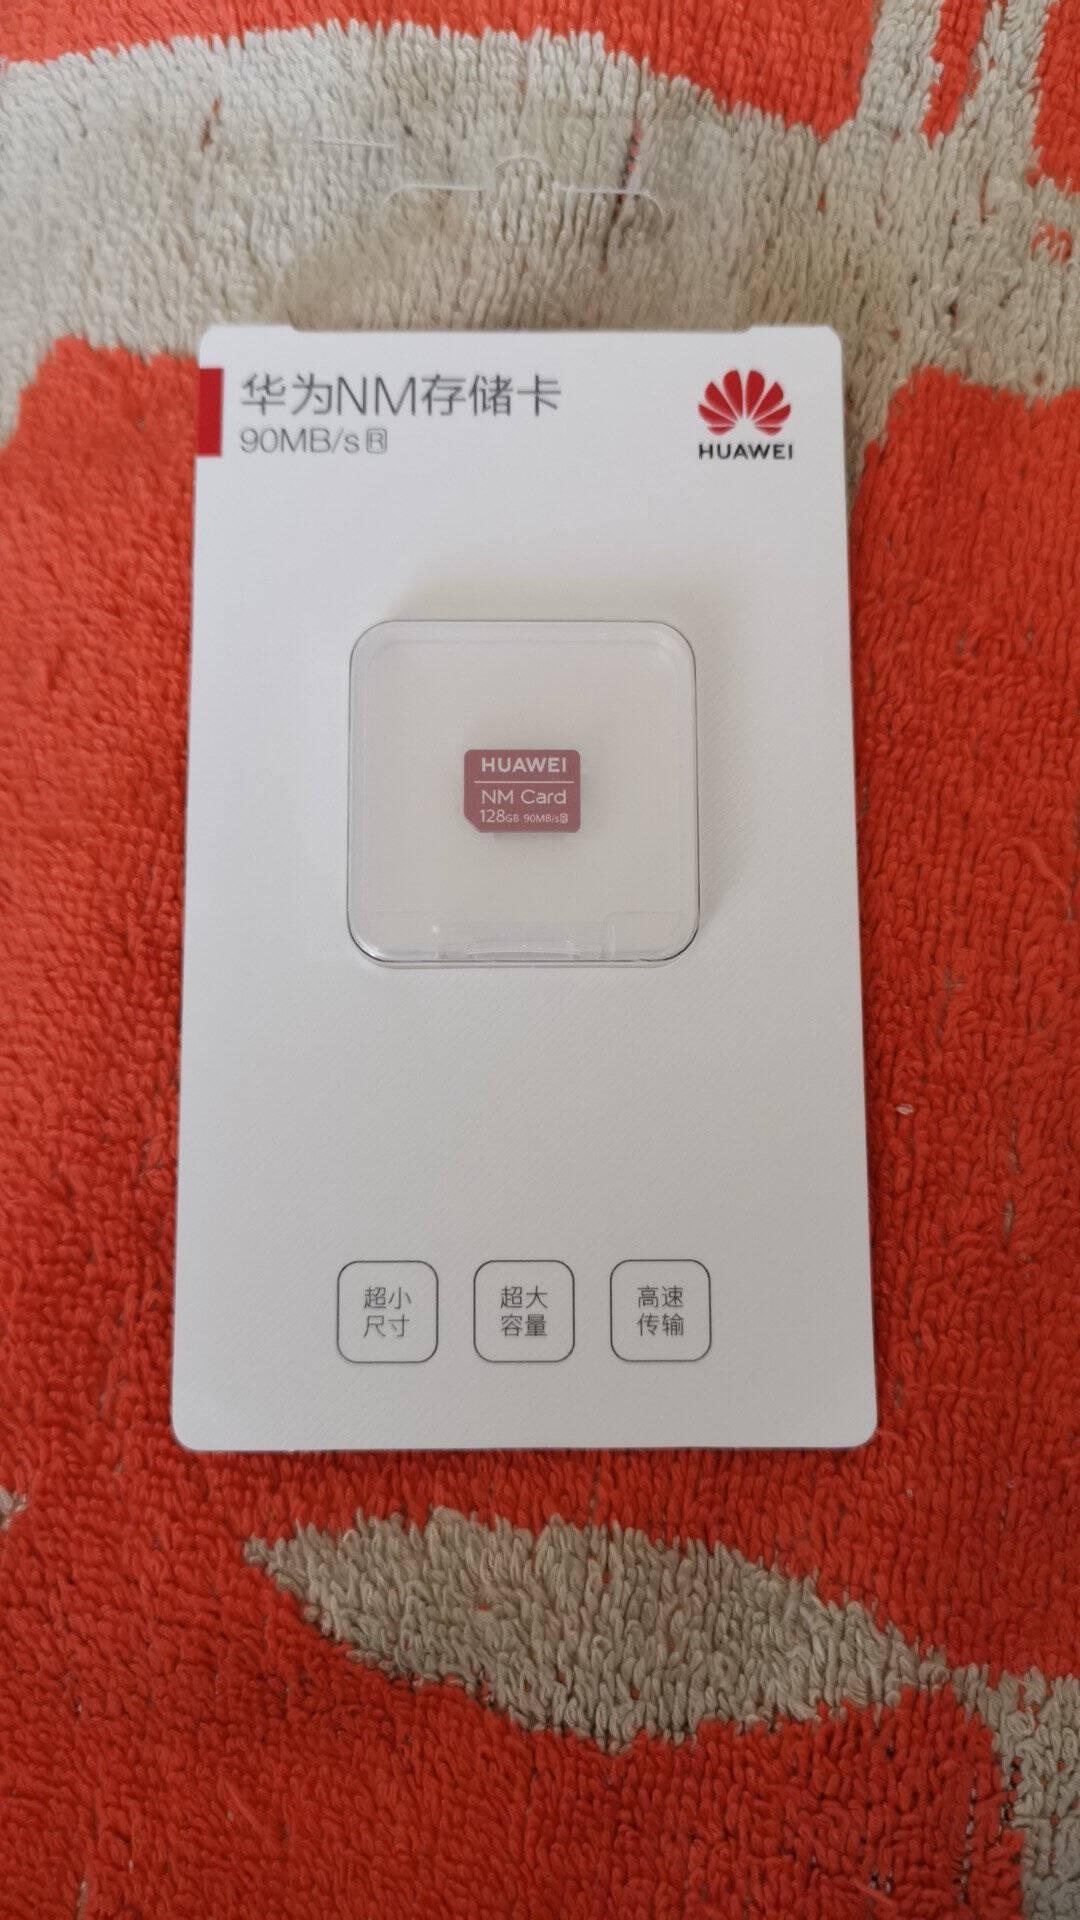 【当日次日达】华为NM储存卡原装手机内存卡存储卡SD读卡器P40Mate30proMate20P30二合一读卡器